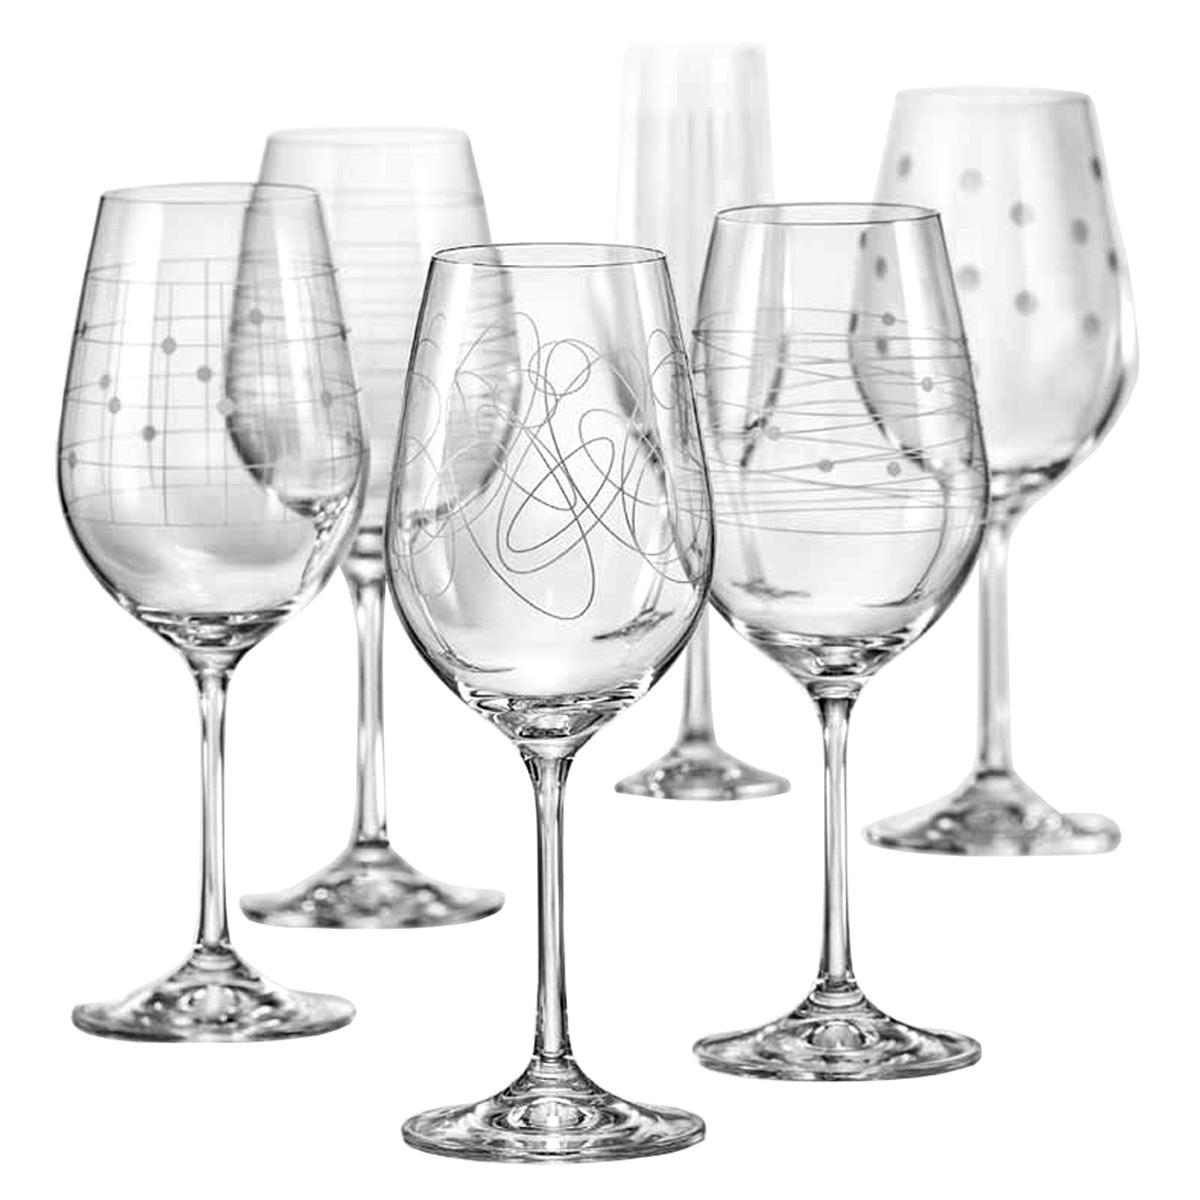 """Бокалы для вина Bohemia Crystal коллекции """"Виола"""" порадуют не только вас, но и ваших гостей. Они обладают привлекательным внешним видом, а материалом их изготовления является высококачественное хрустальное стекло. Кроме того, красоту бокала подчеркивает элегантная форма ножки. Объем бокала 450 мл. Количество в упаковке 6 шт."""